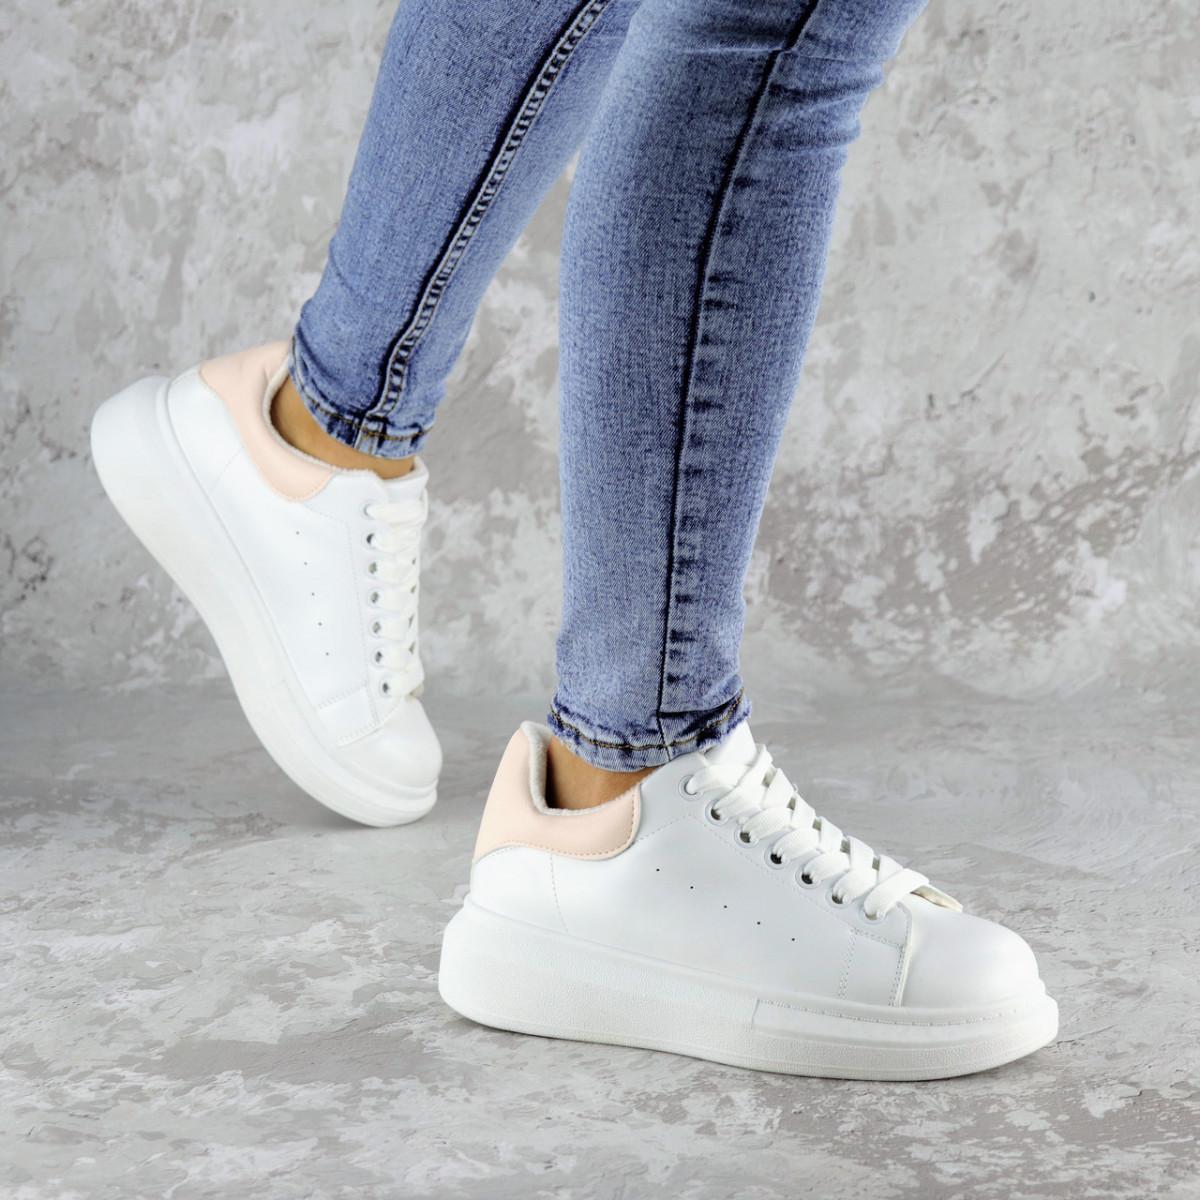 Кеды женские зимние Fashion Celtie 2236 38 размер 24,5 см Белый